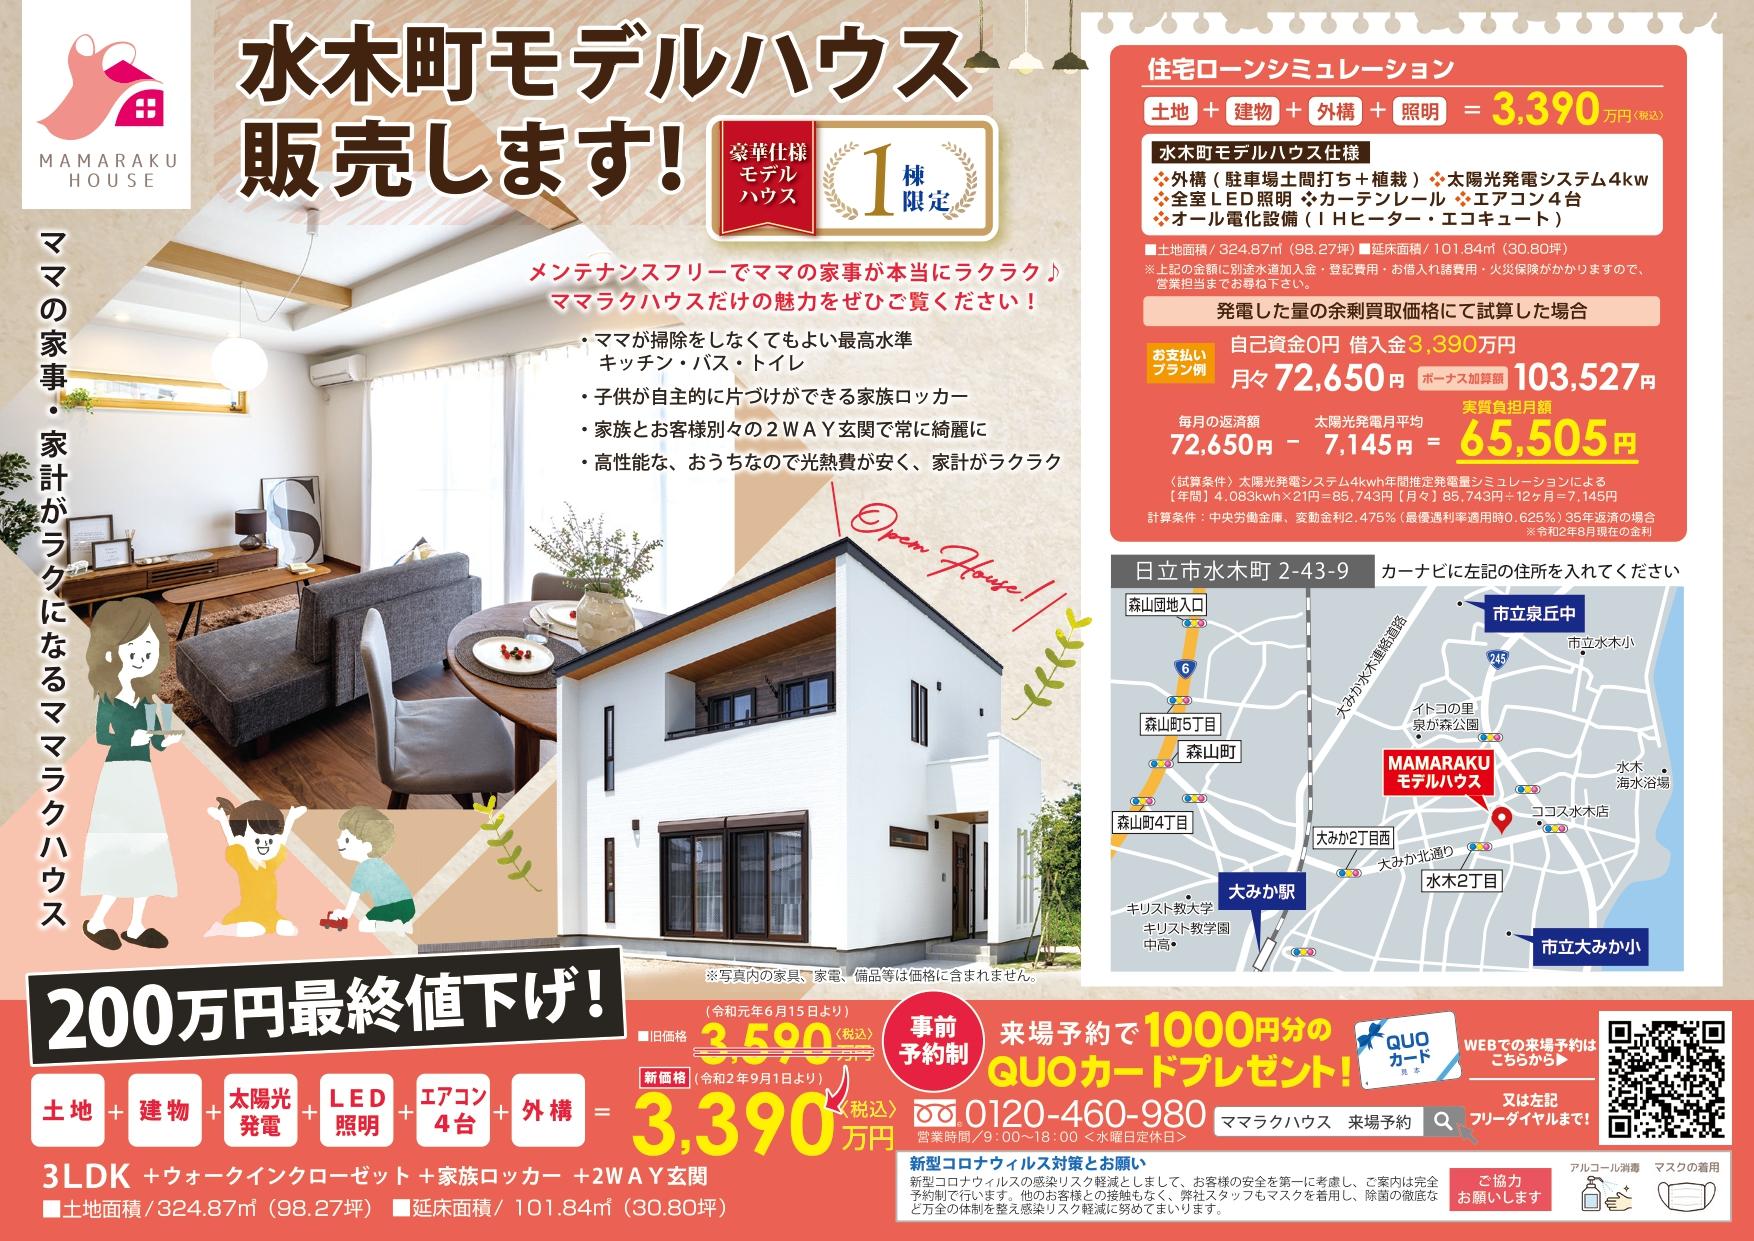 1棟限定!ママラクハウス 水木町モデルハウス販売!!